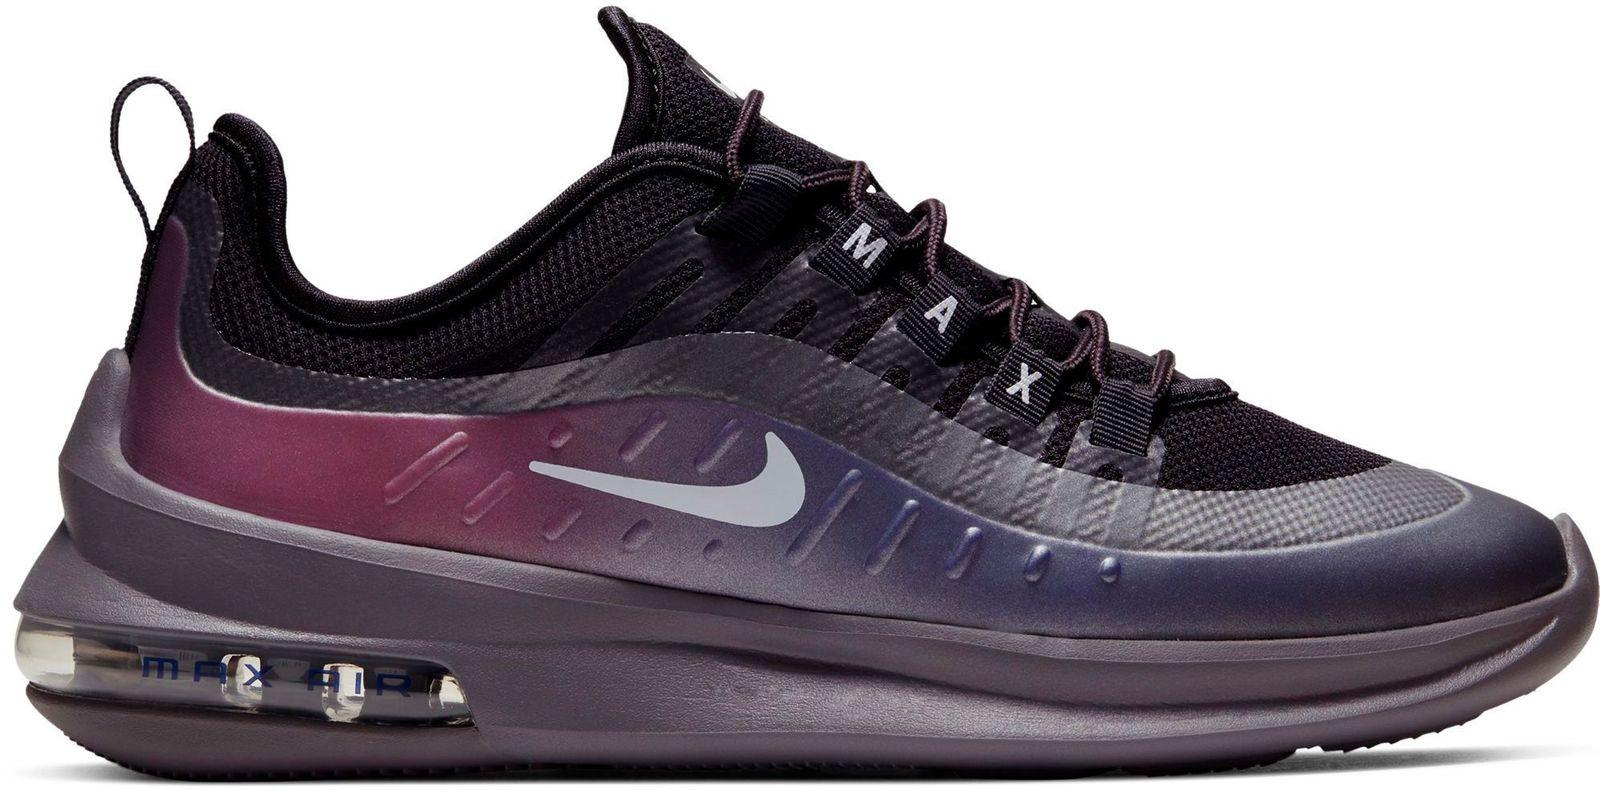 Nike Air Max 1 SE Herren Schuhe Damen Schuh Fitness